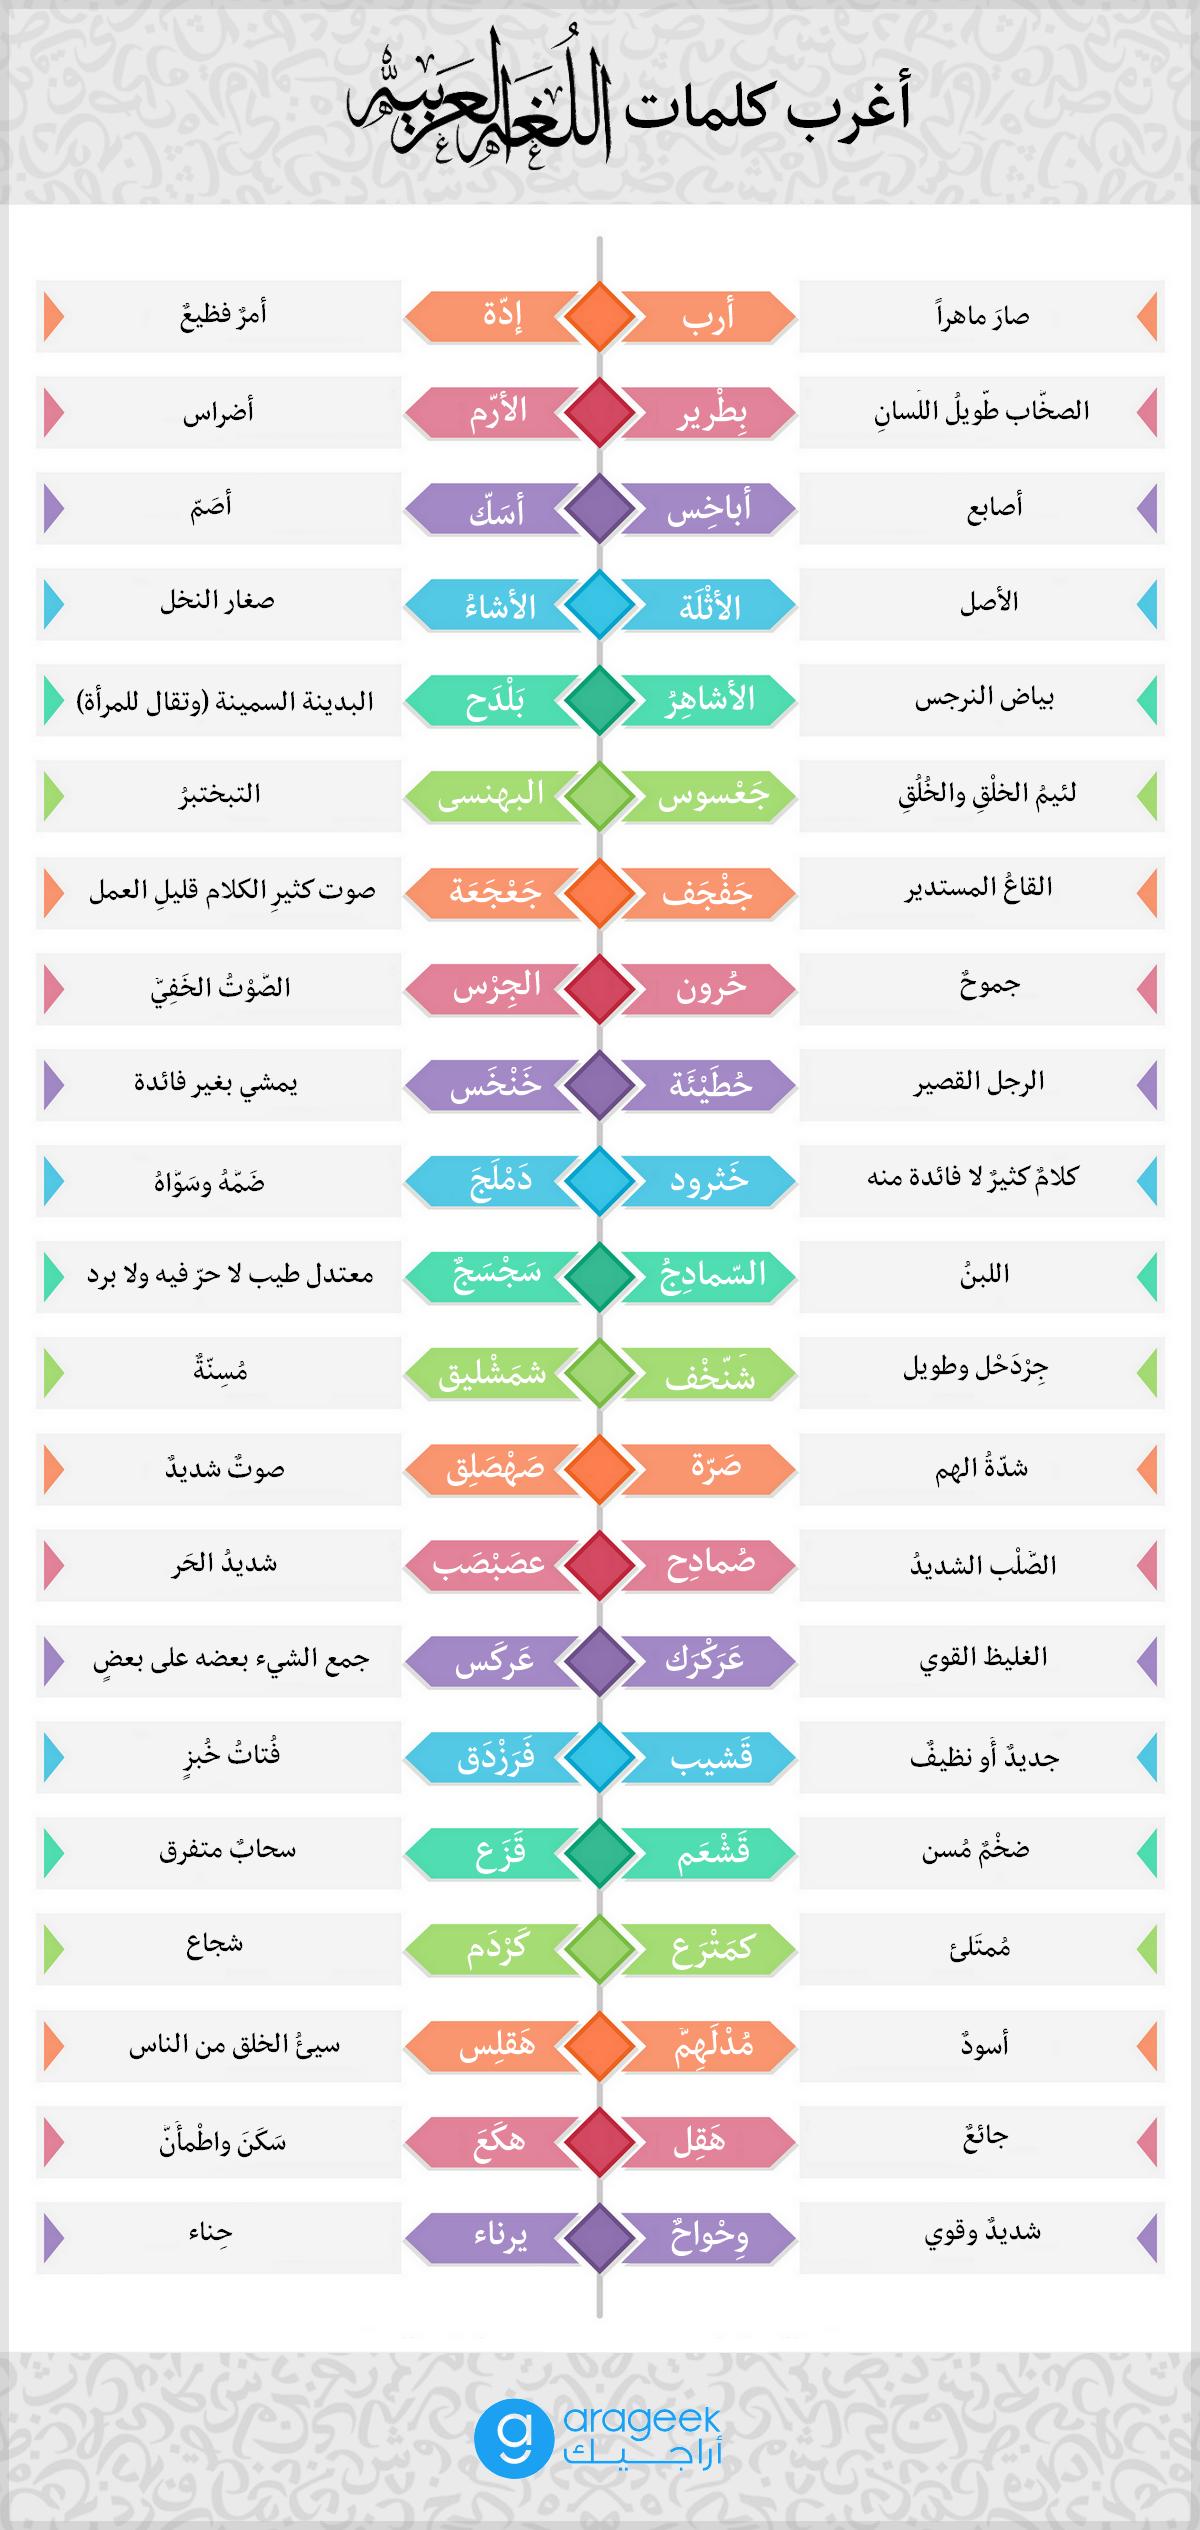 40 كلمة من أغرب كلمات اللغة العربية على الإطلاق إنفوجرافيك Learn Arabic Language Learning Arabic Islamic Phrases